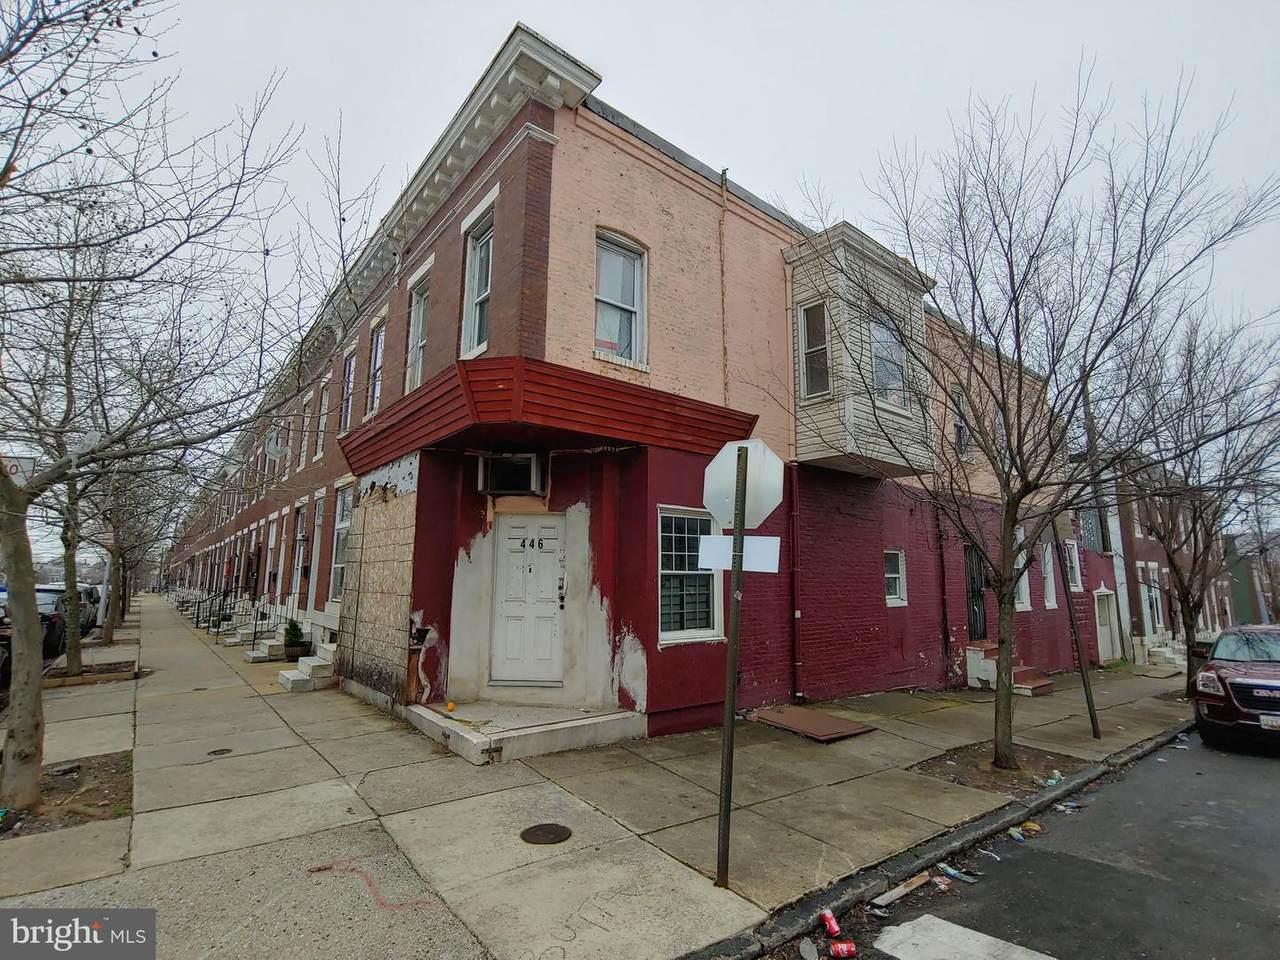 446 Linwood Avenue - Photo 1